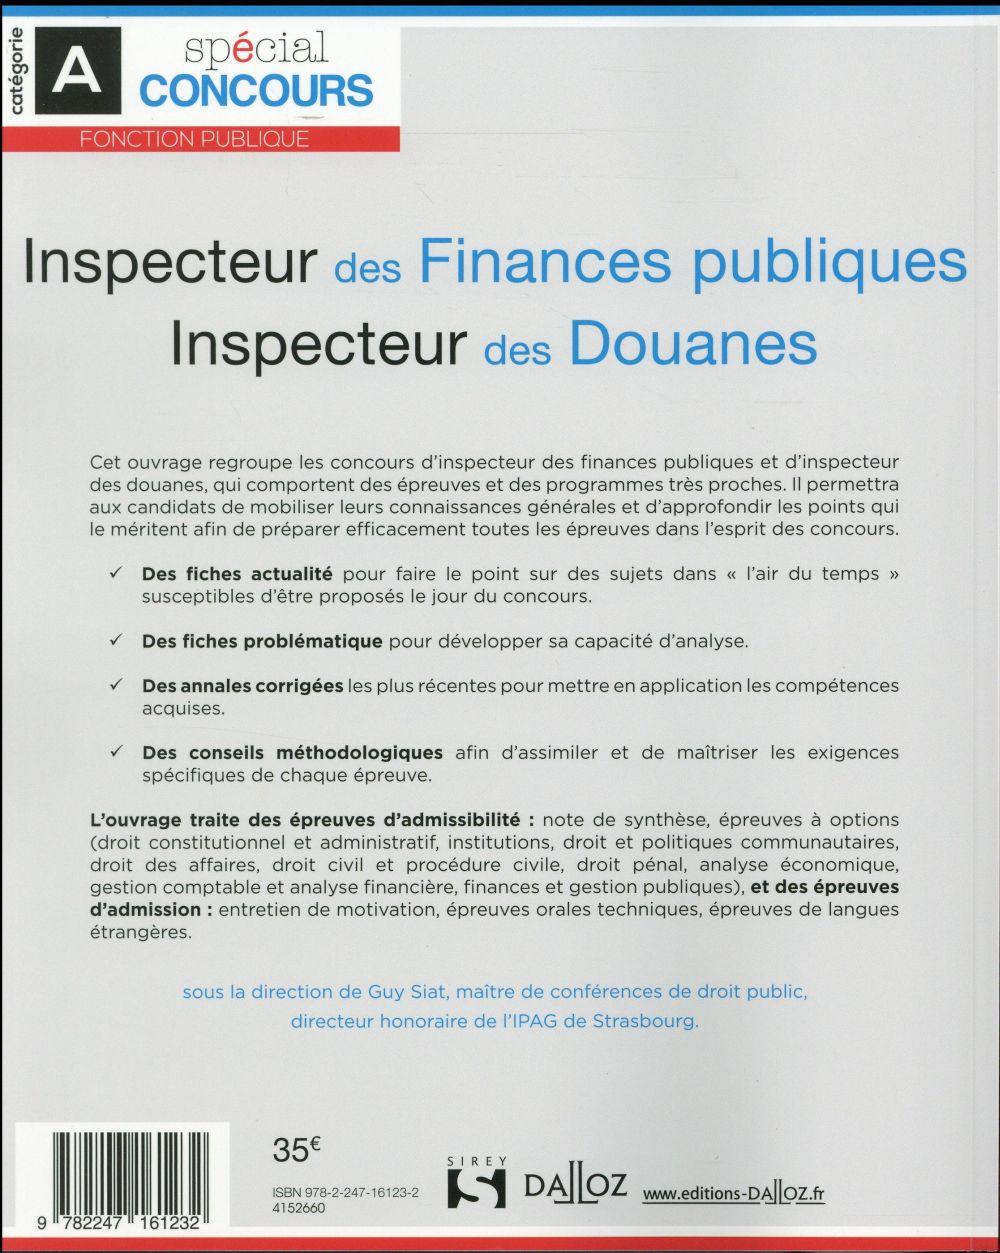 Inspecteur Des Finances Publiques Concours : inspecteur, finances, publiques, concours, Inspecteur, Finances, Publiques, Douanes, édition), Siat-G, Dalloz, Grand, Format, Librairie, PARIS